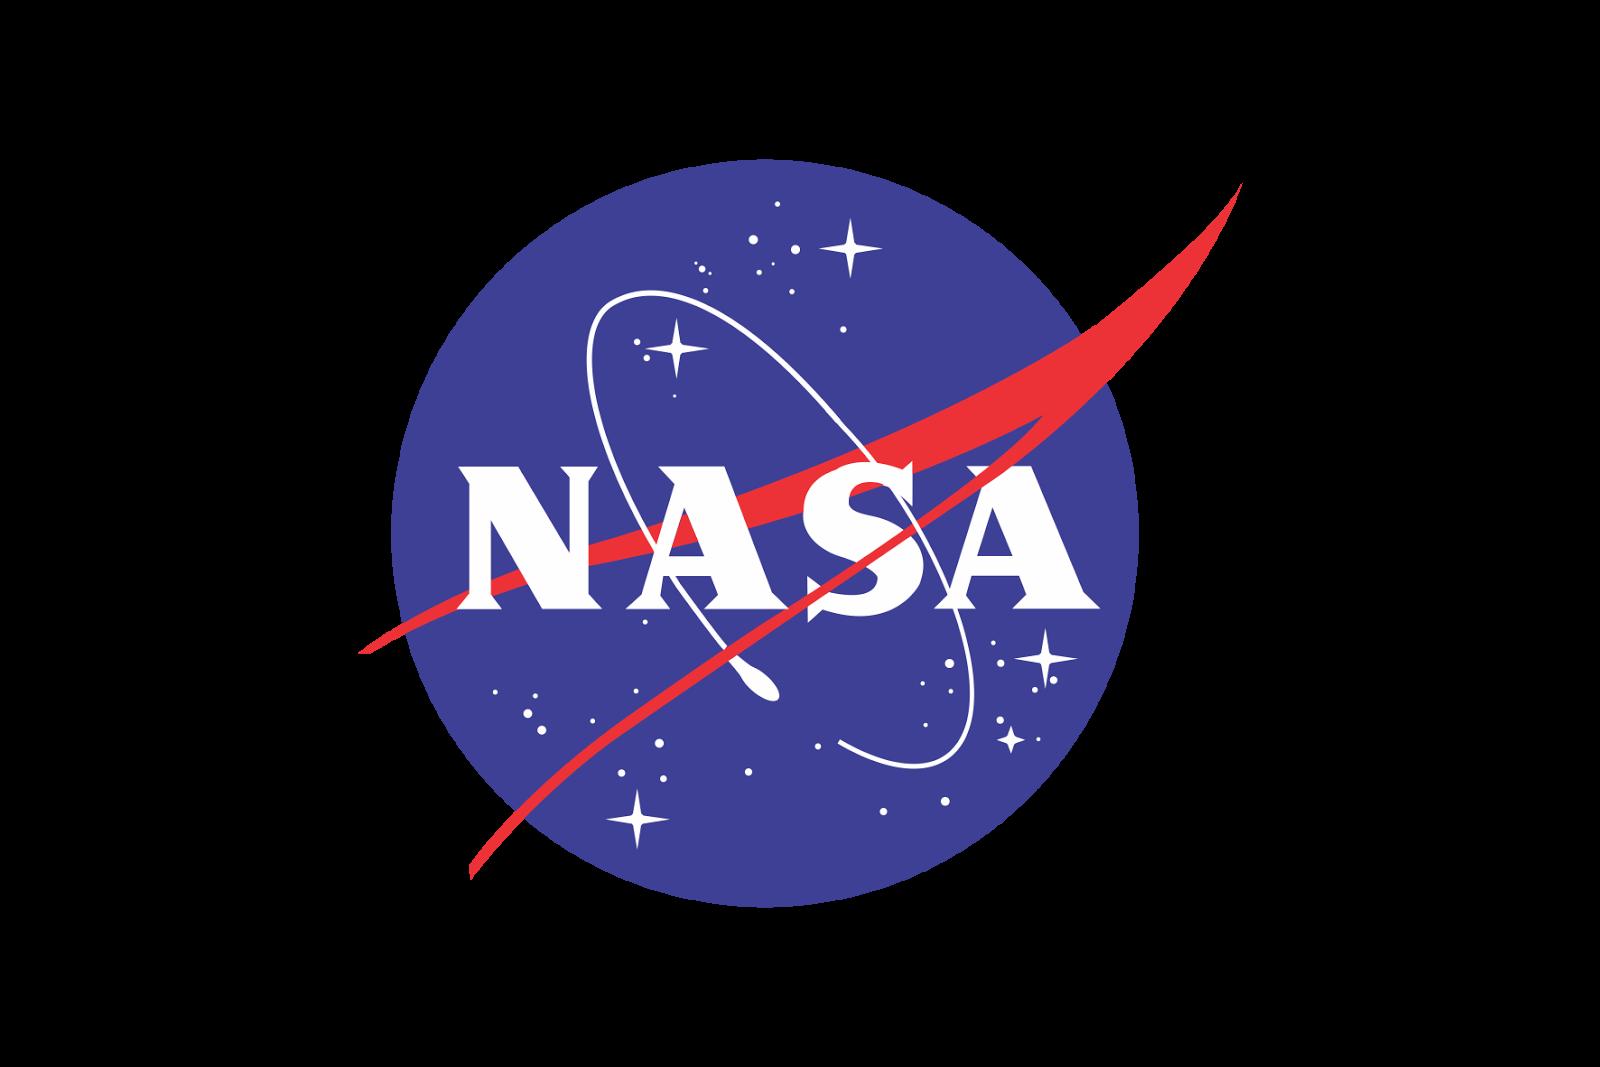 nasa logo logo share rh logo share blogspot com nasa logo vector meaning nasa logo vector download